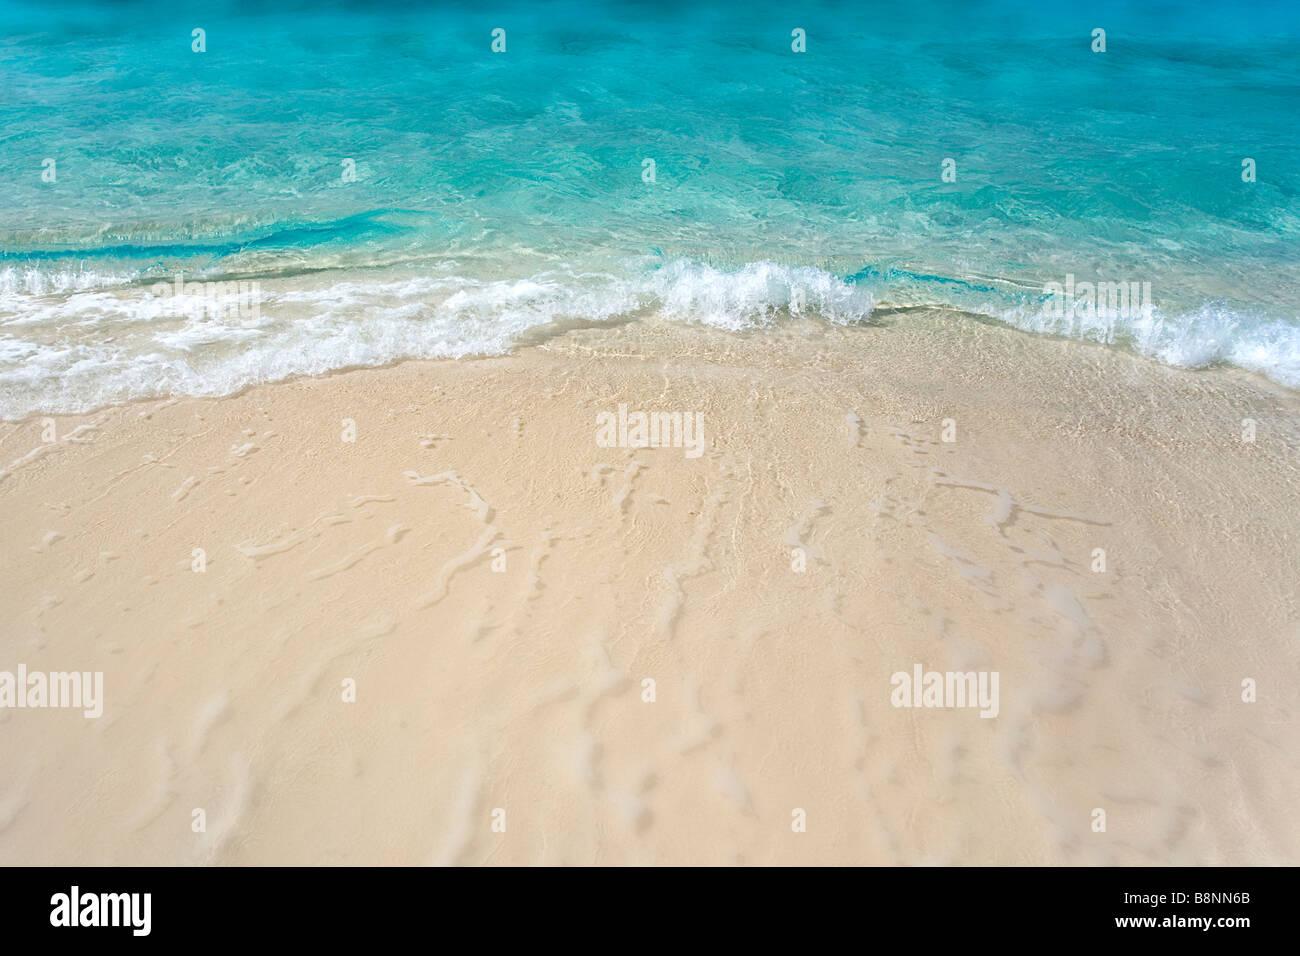 kleine Wellen an einem tropischen Strand. Stockbild